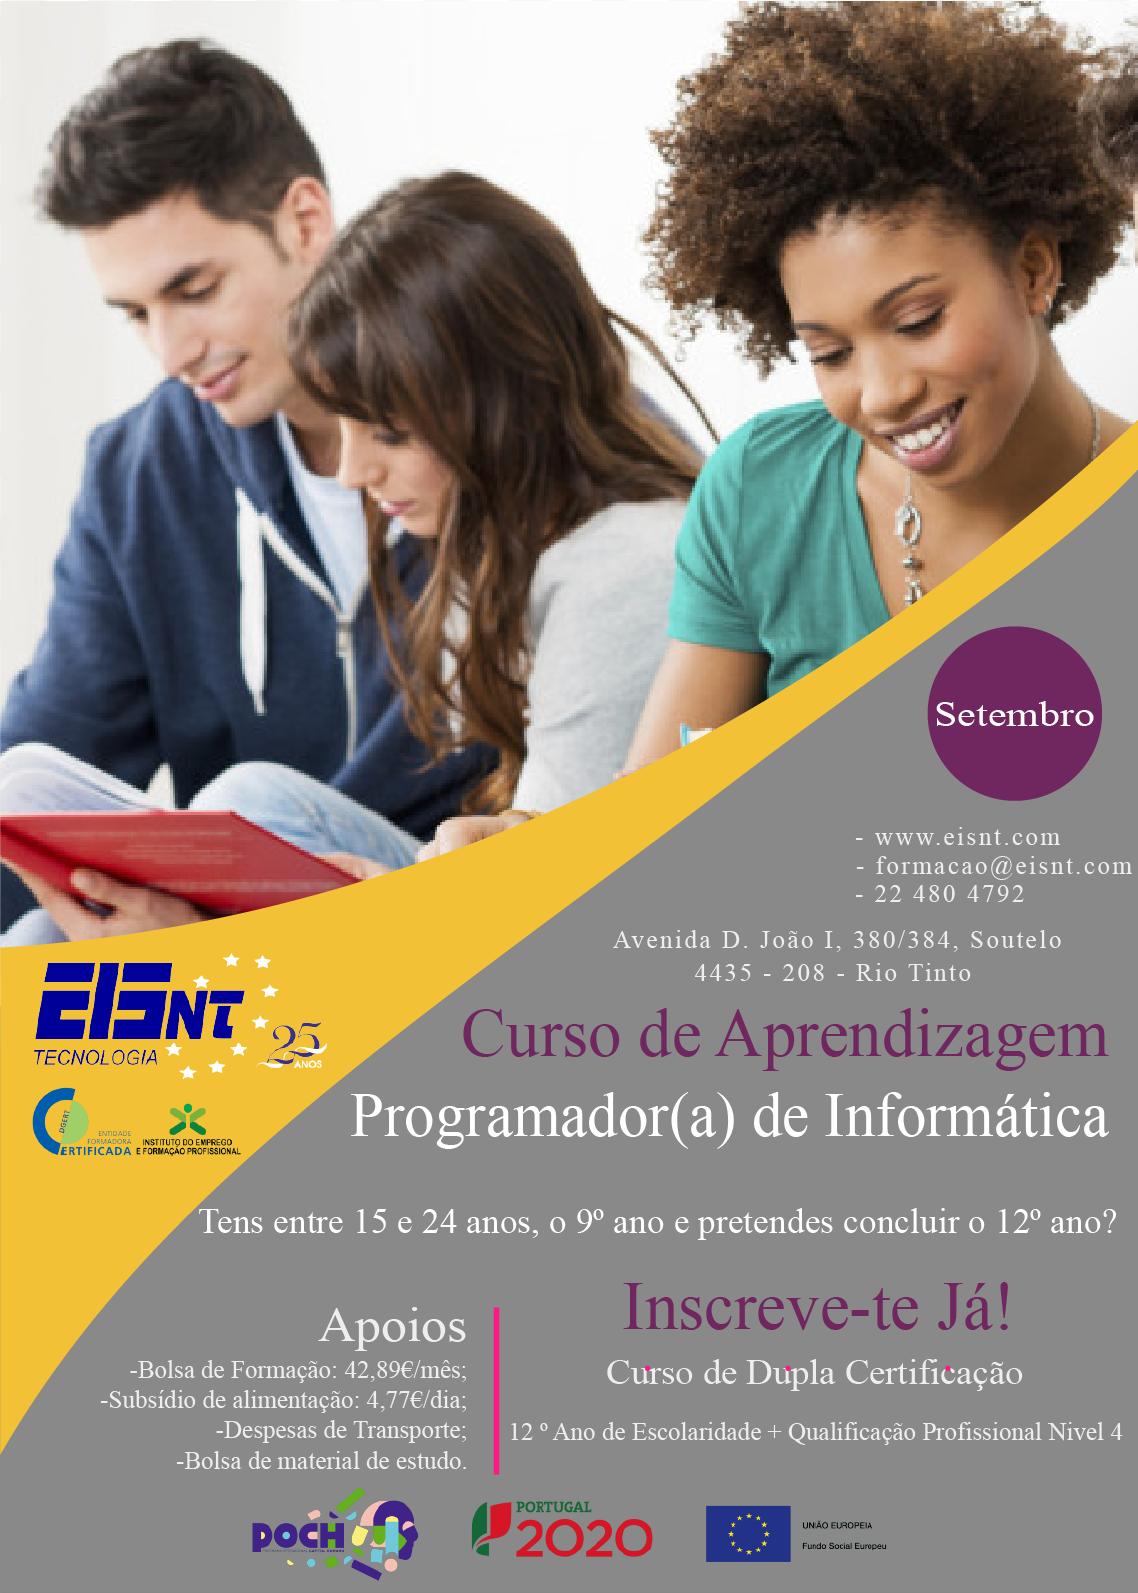 Curso de aprendizagem em Rio Tinto